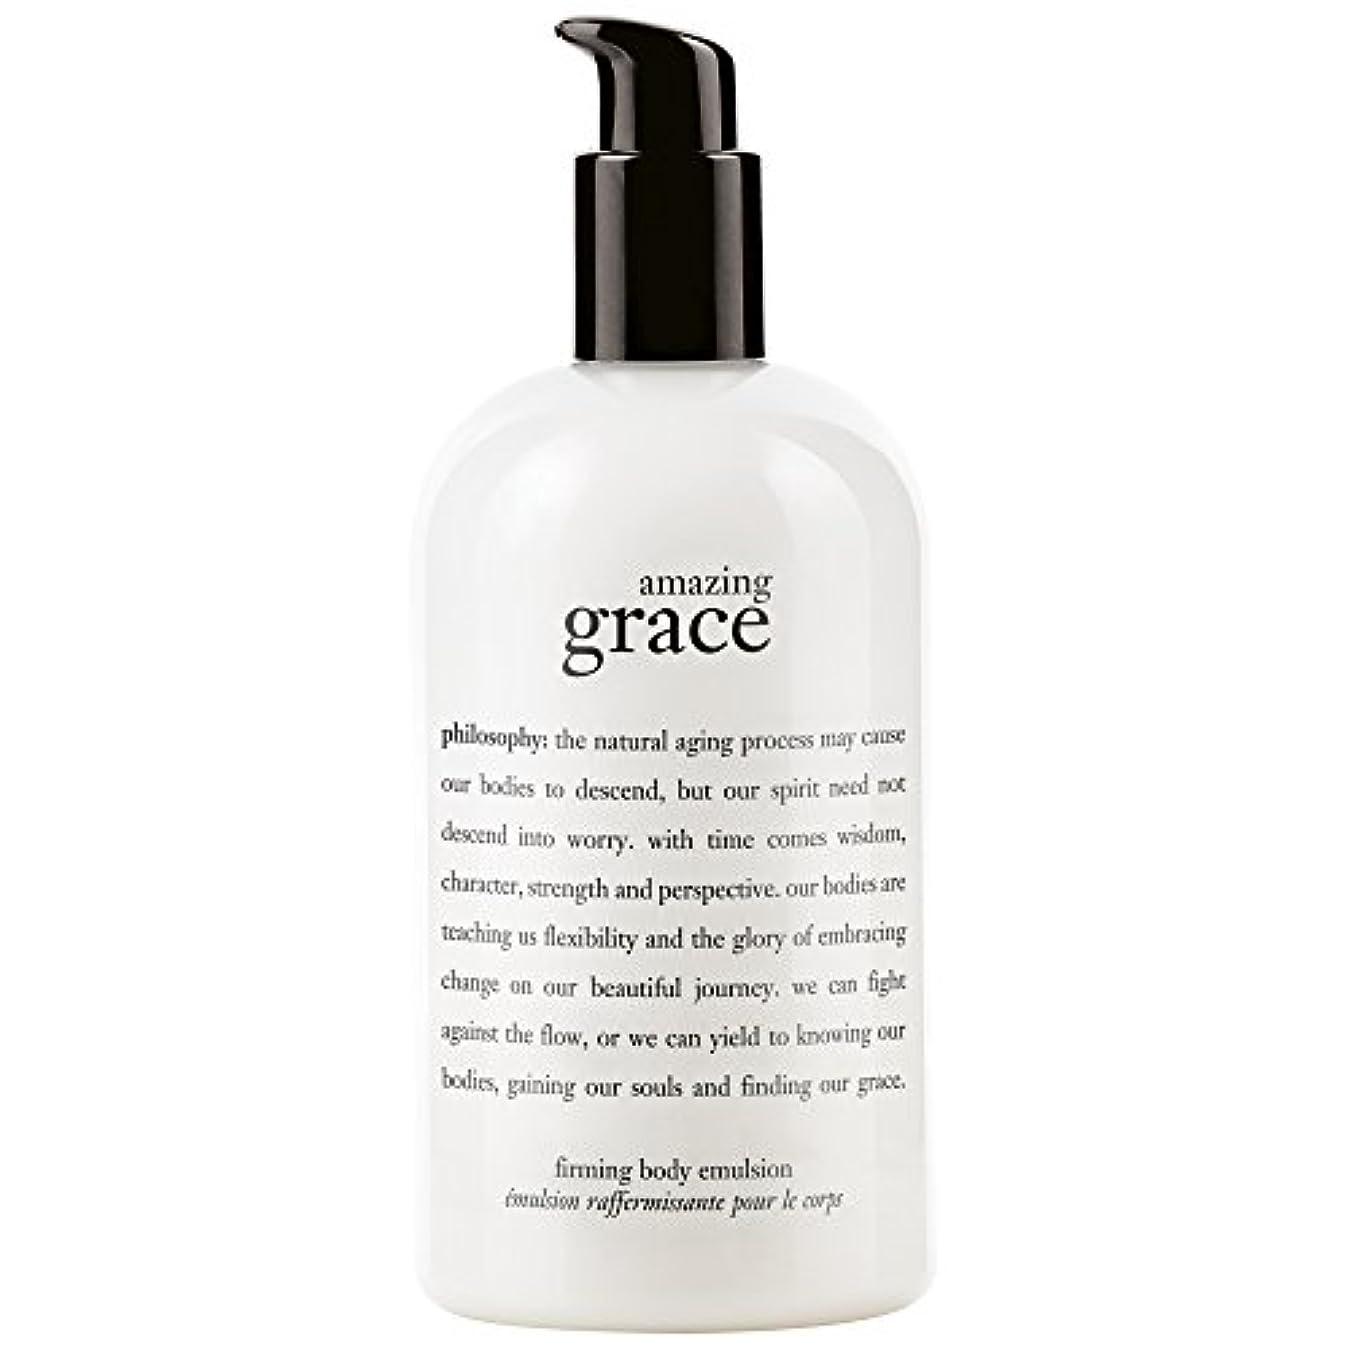 きょうだい親指哀哲学驚くべき恵み引き締めボディエマルジョン480ミリリットル (Philosophy) (x2) - Philosophy Amazing Grace Firming Body Emulsion 480ml (Pack...